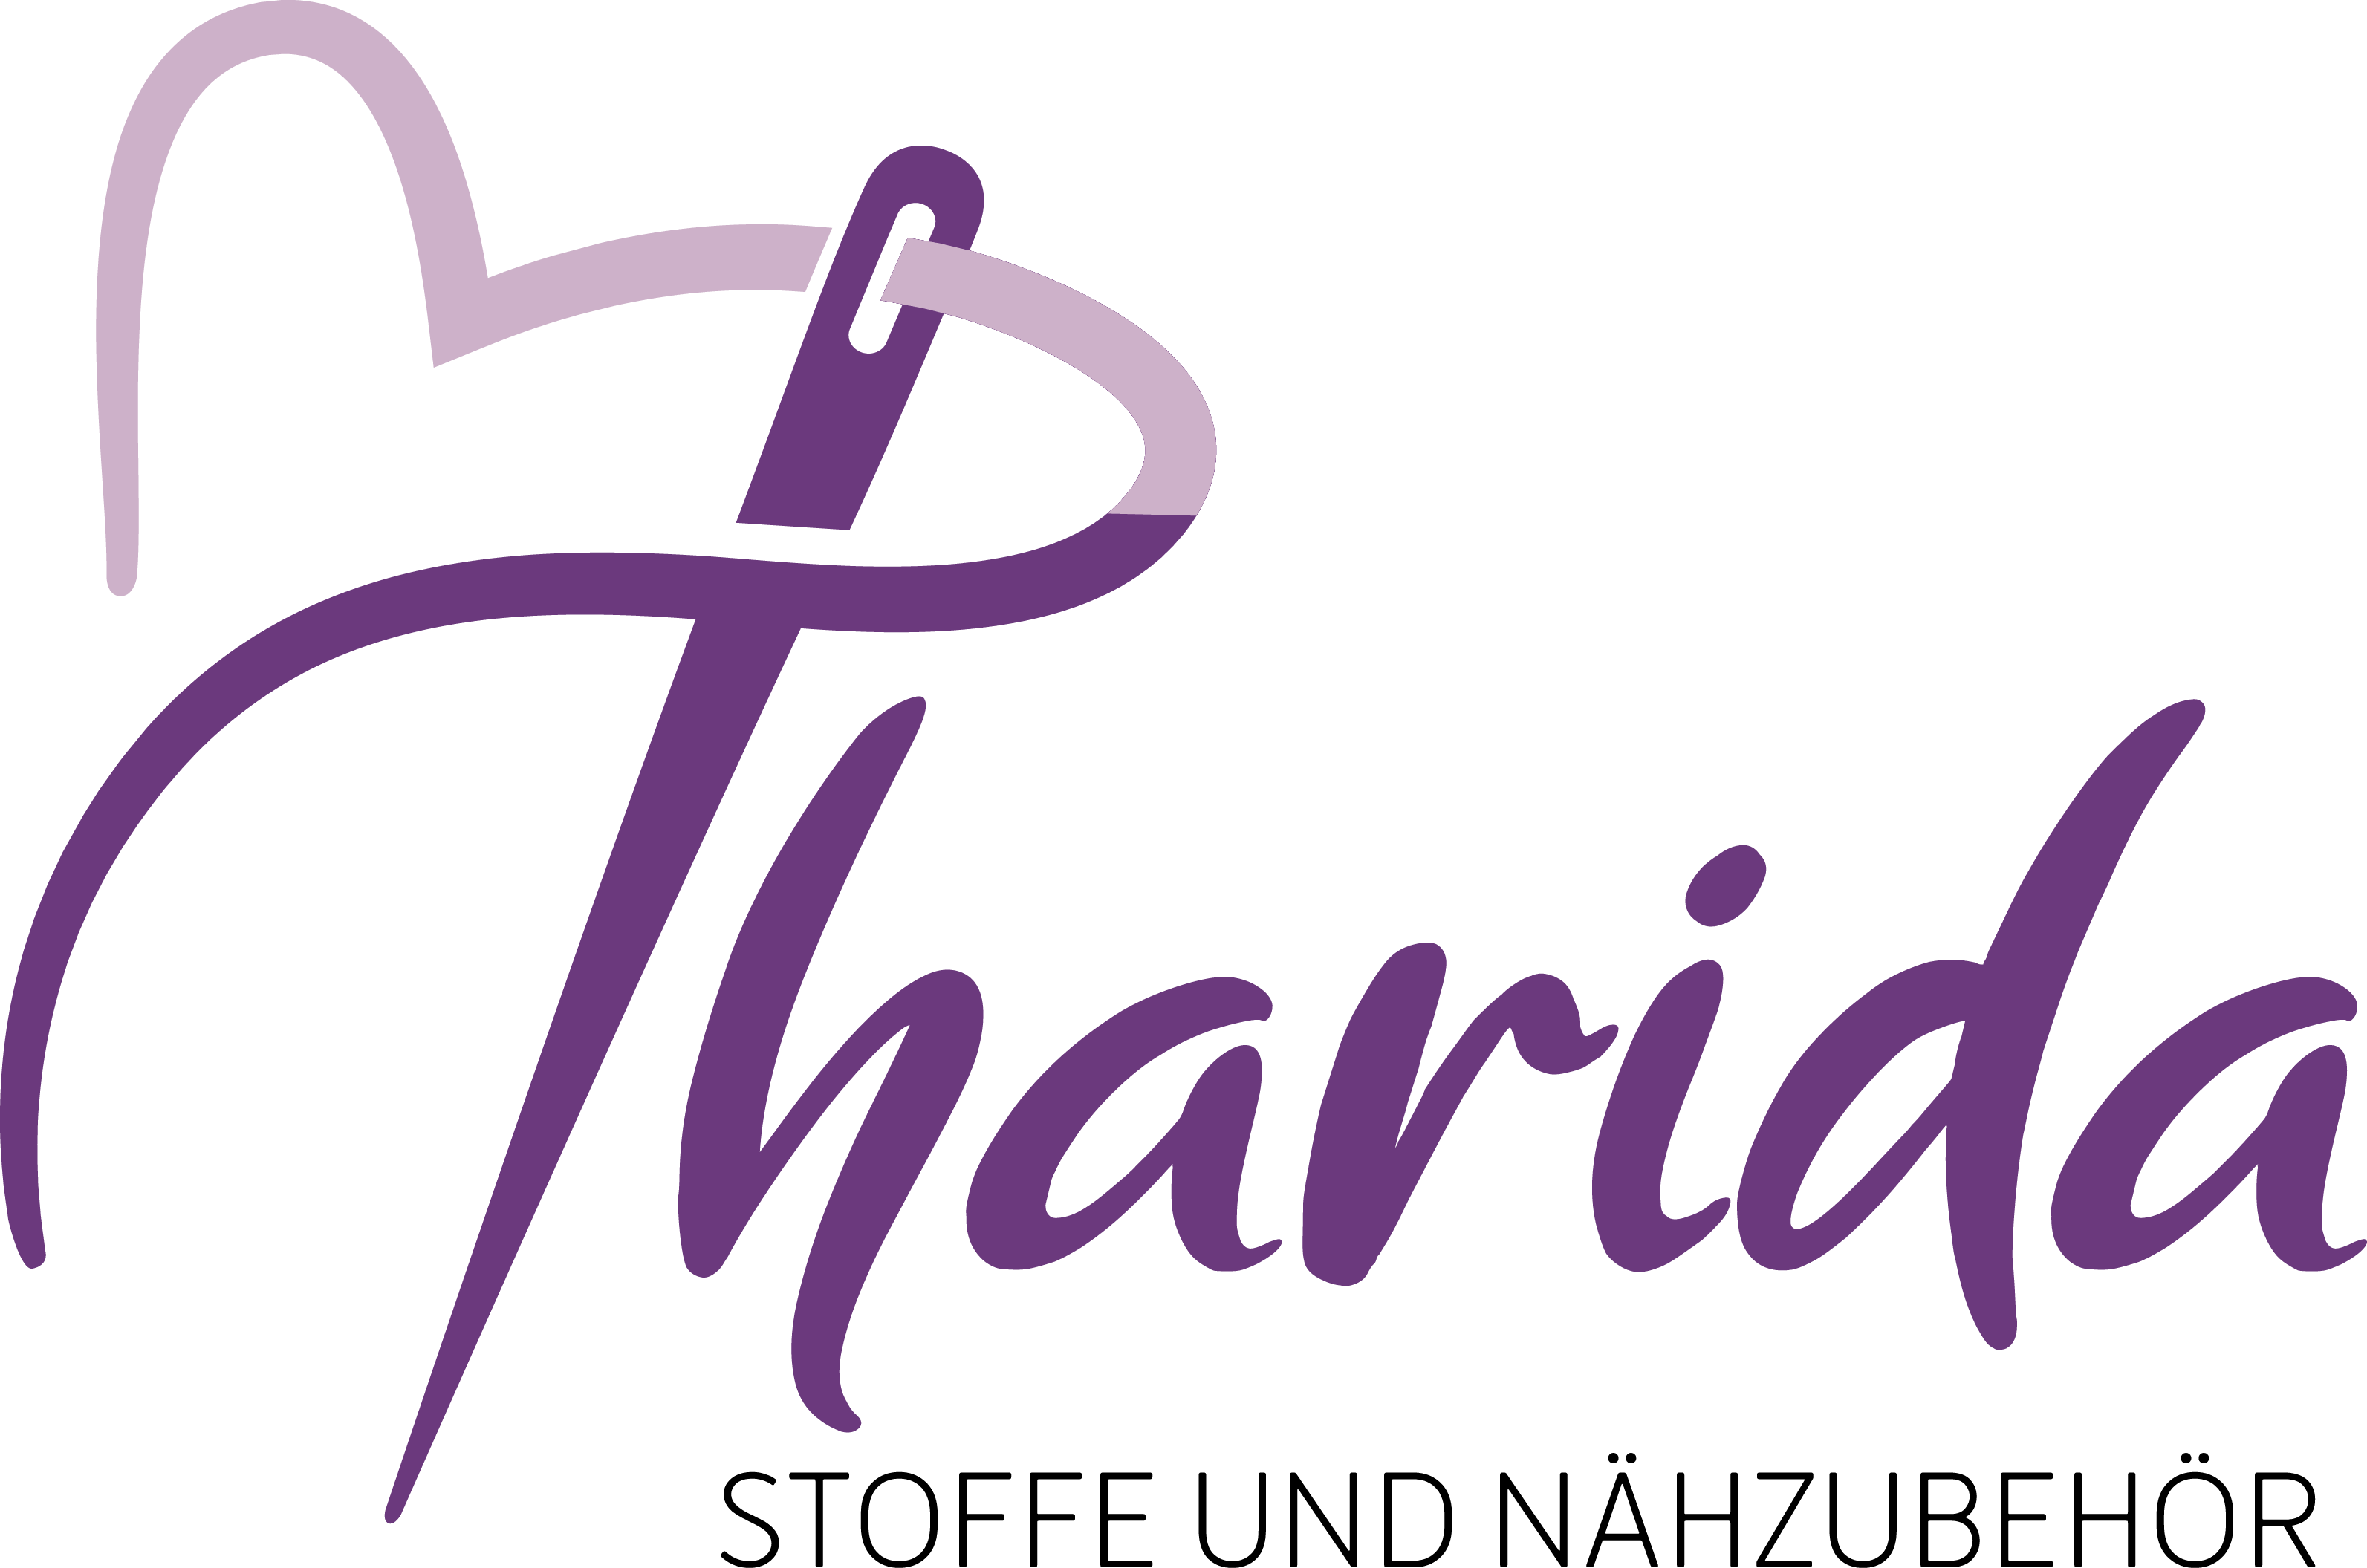 Logo Tharida